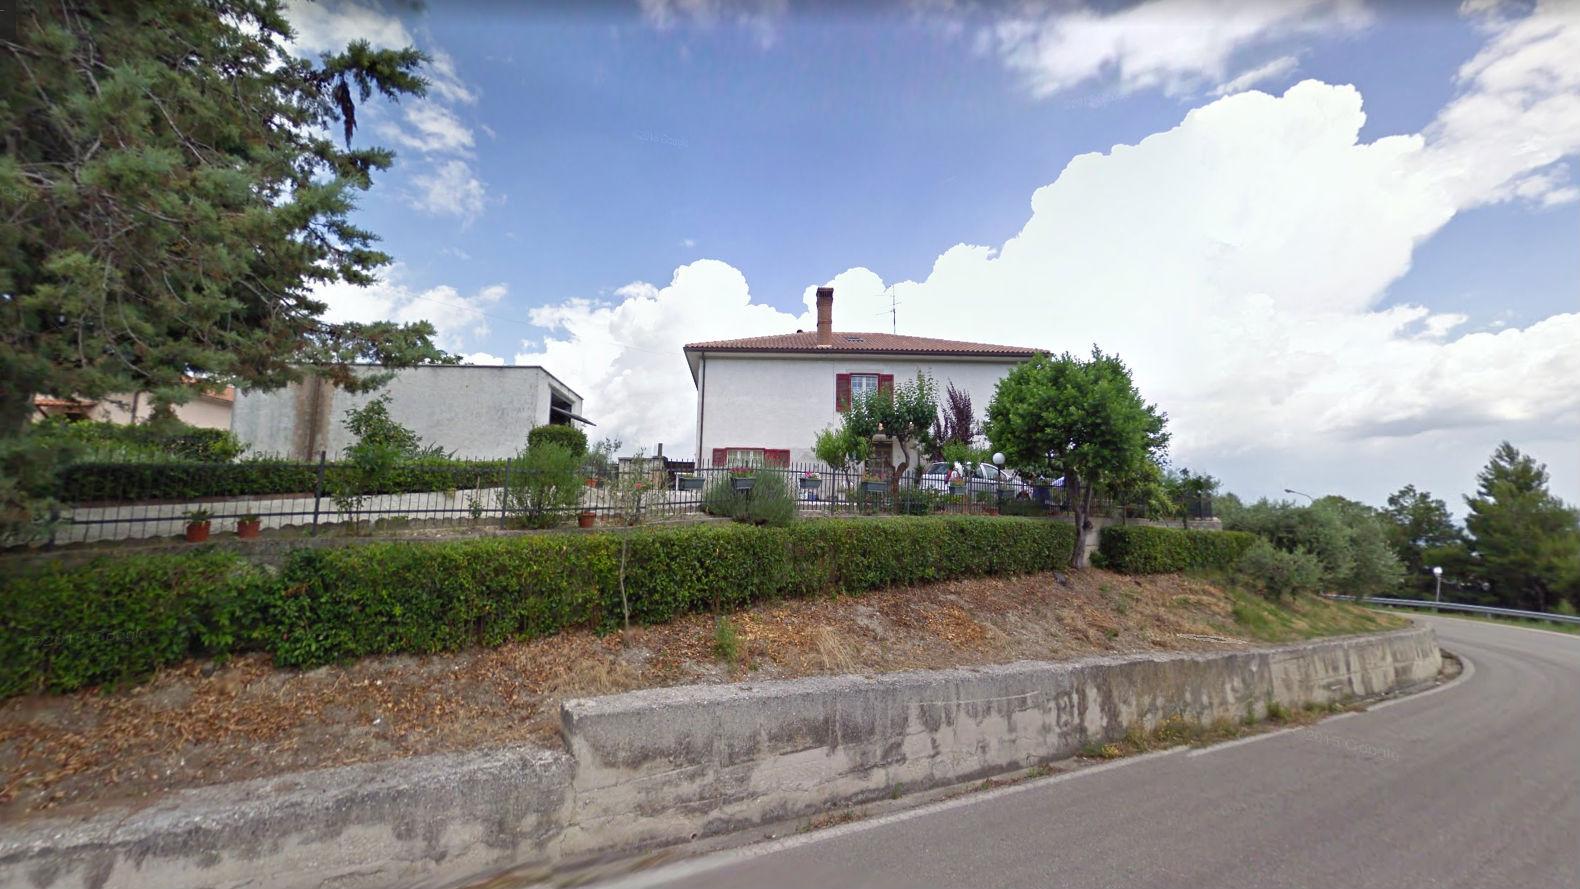 Soluzione Indipendente in vendita a Maltignano, 9 locali, zona Località: CasellediMaltignano, prezzo € 250.000 | CambioCasa.it